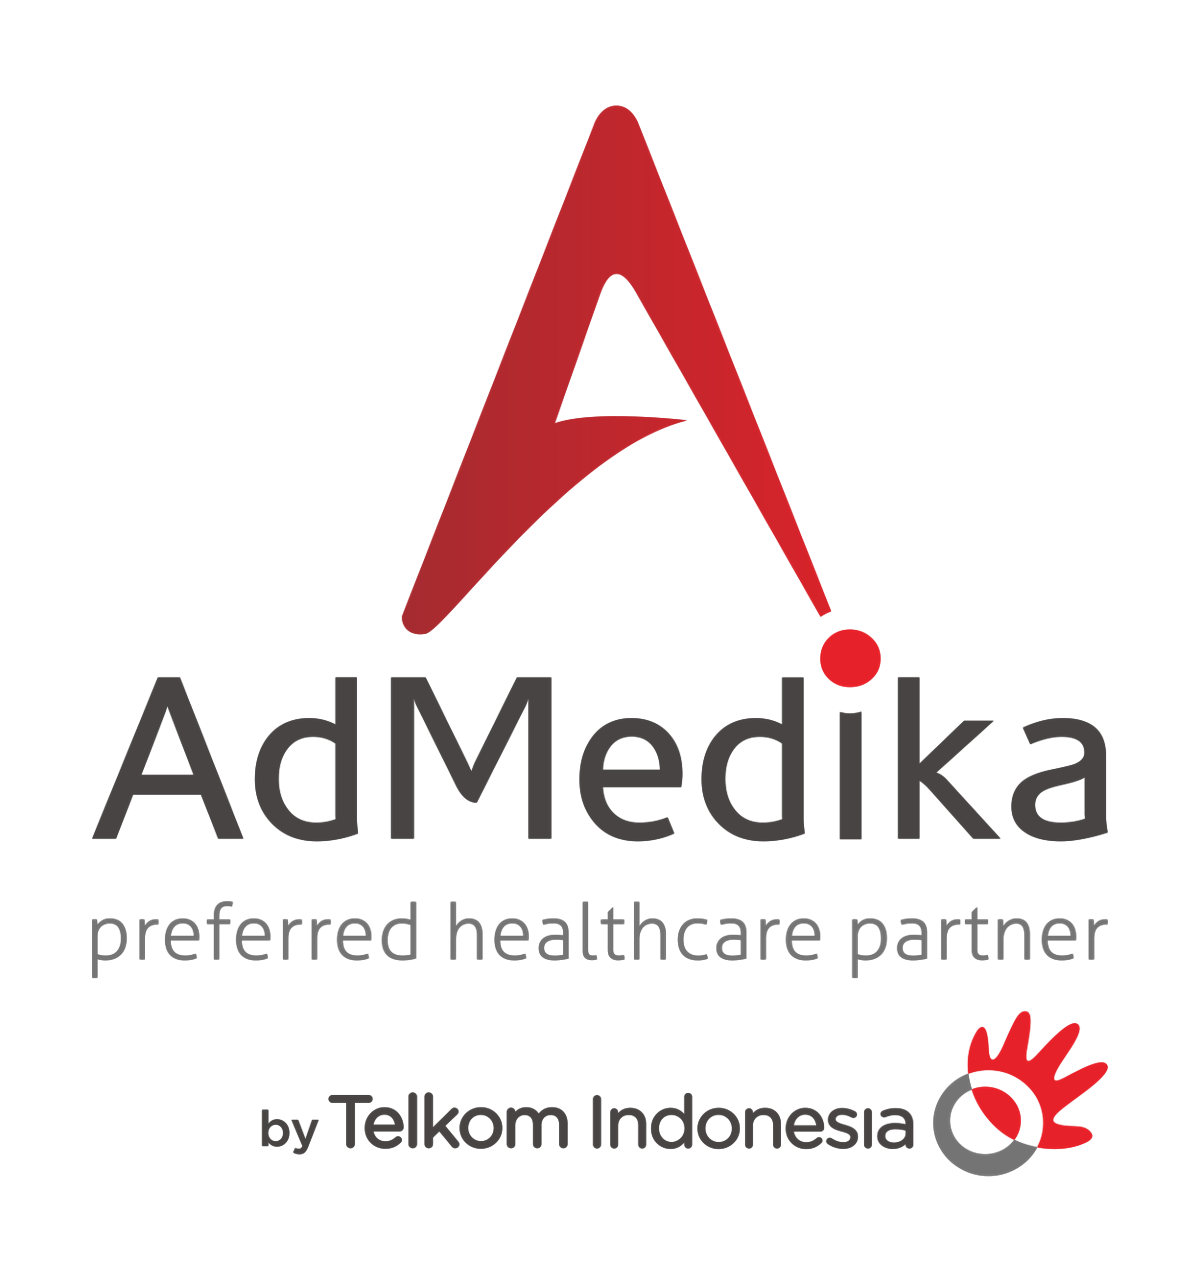 Administrasi Medika